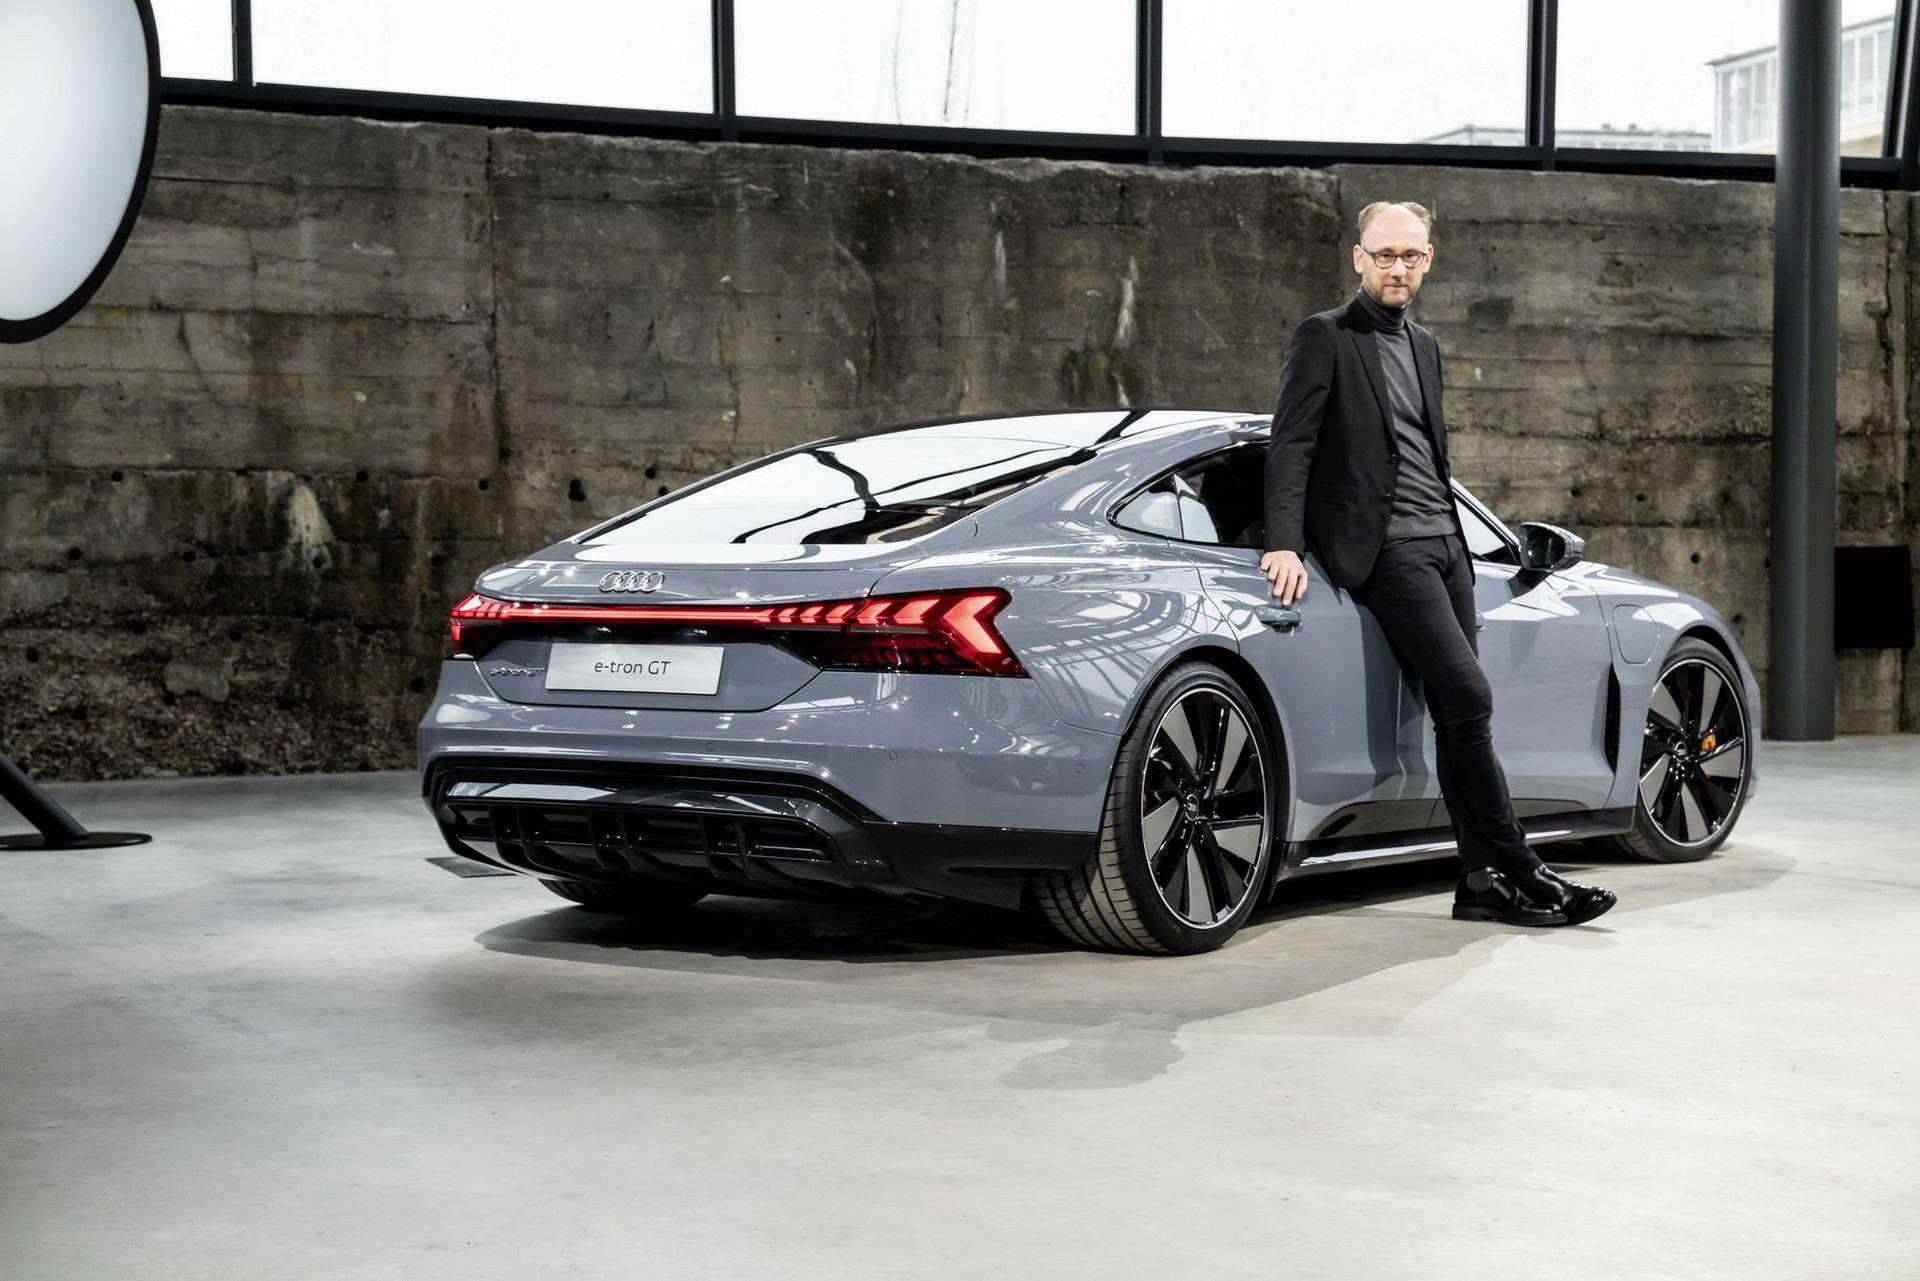 2022-Audi-e-tron-GT-48